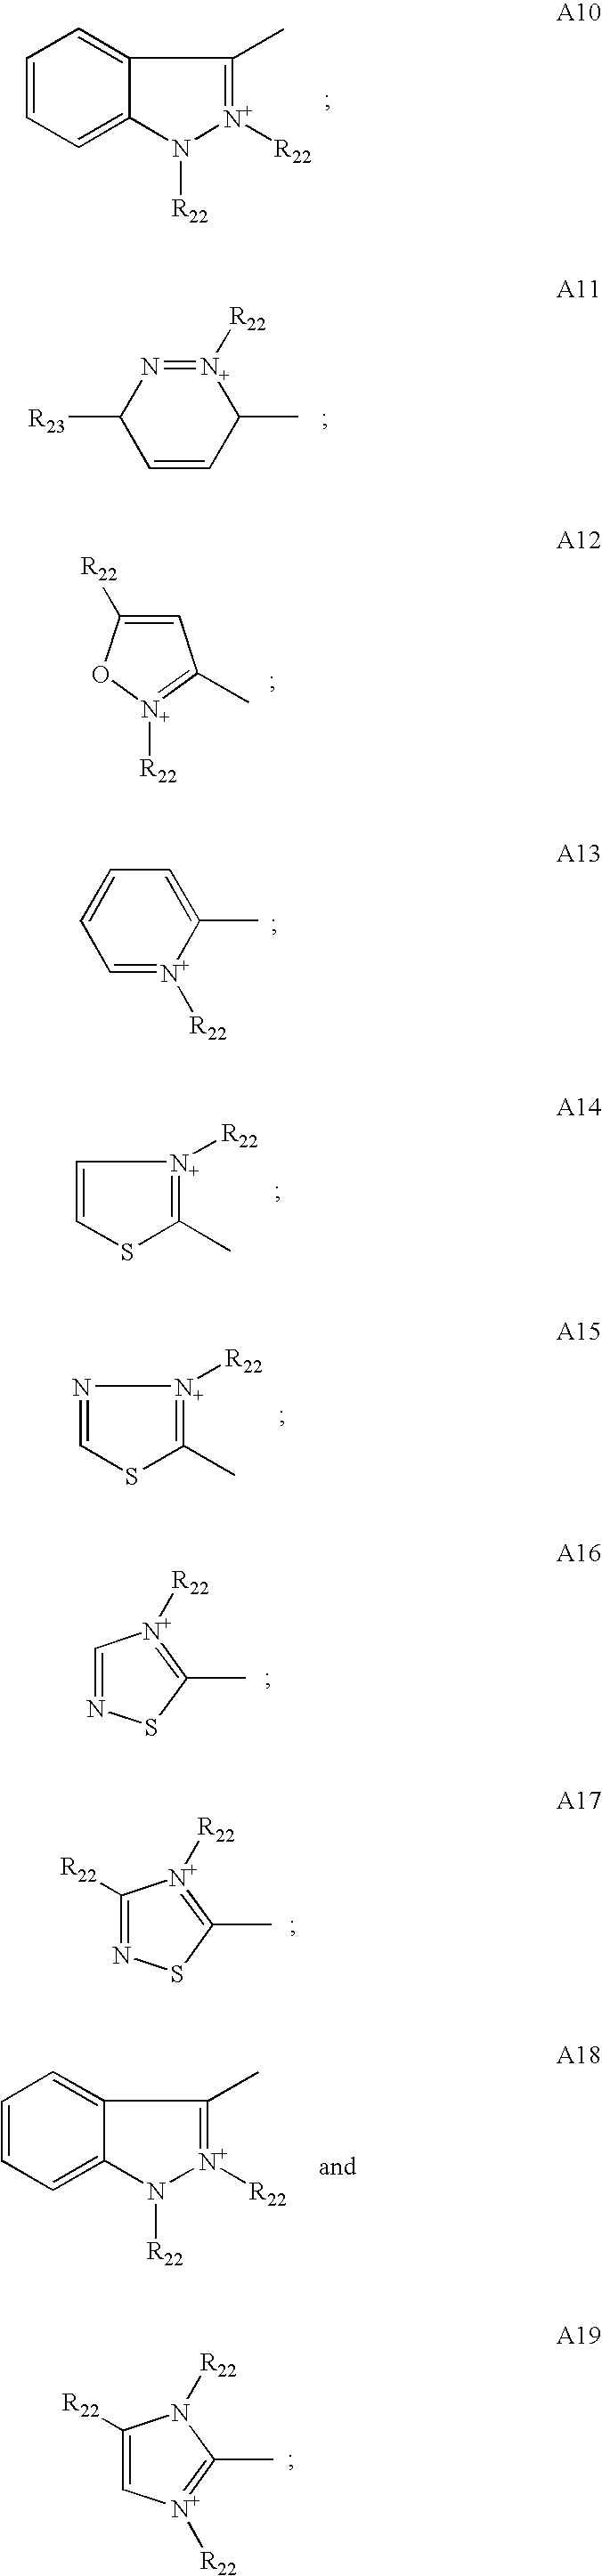 Figure US06702863-20040309-C00014